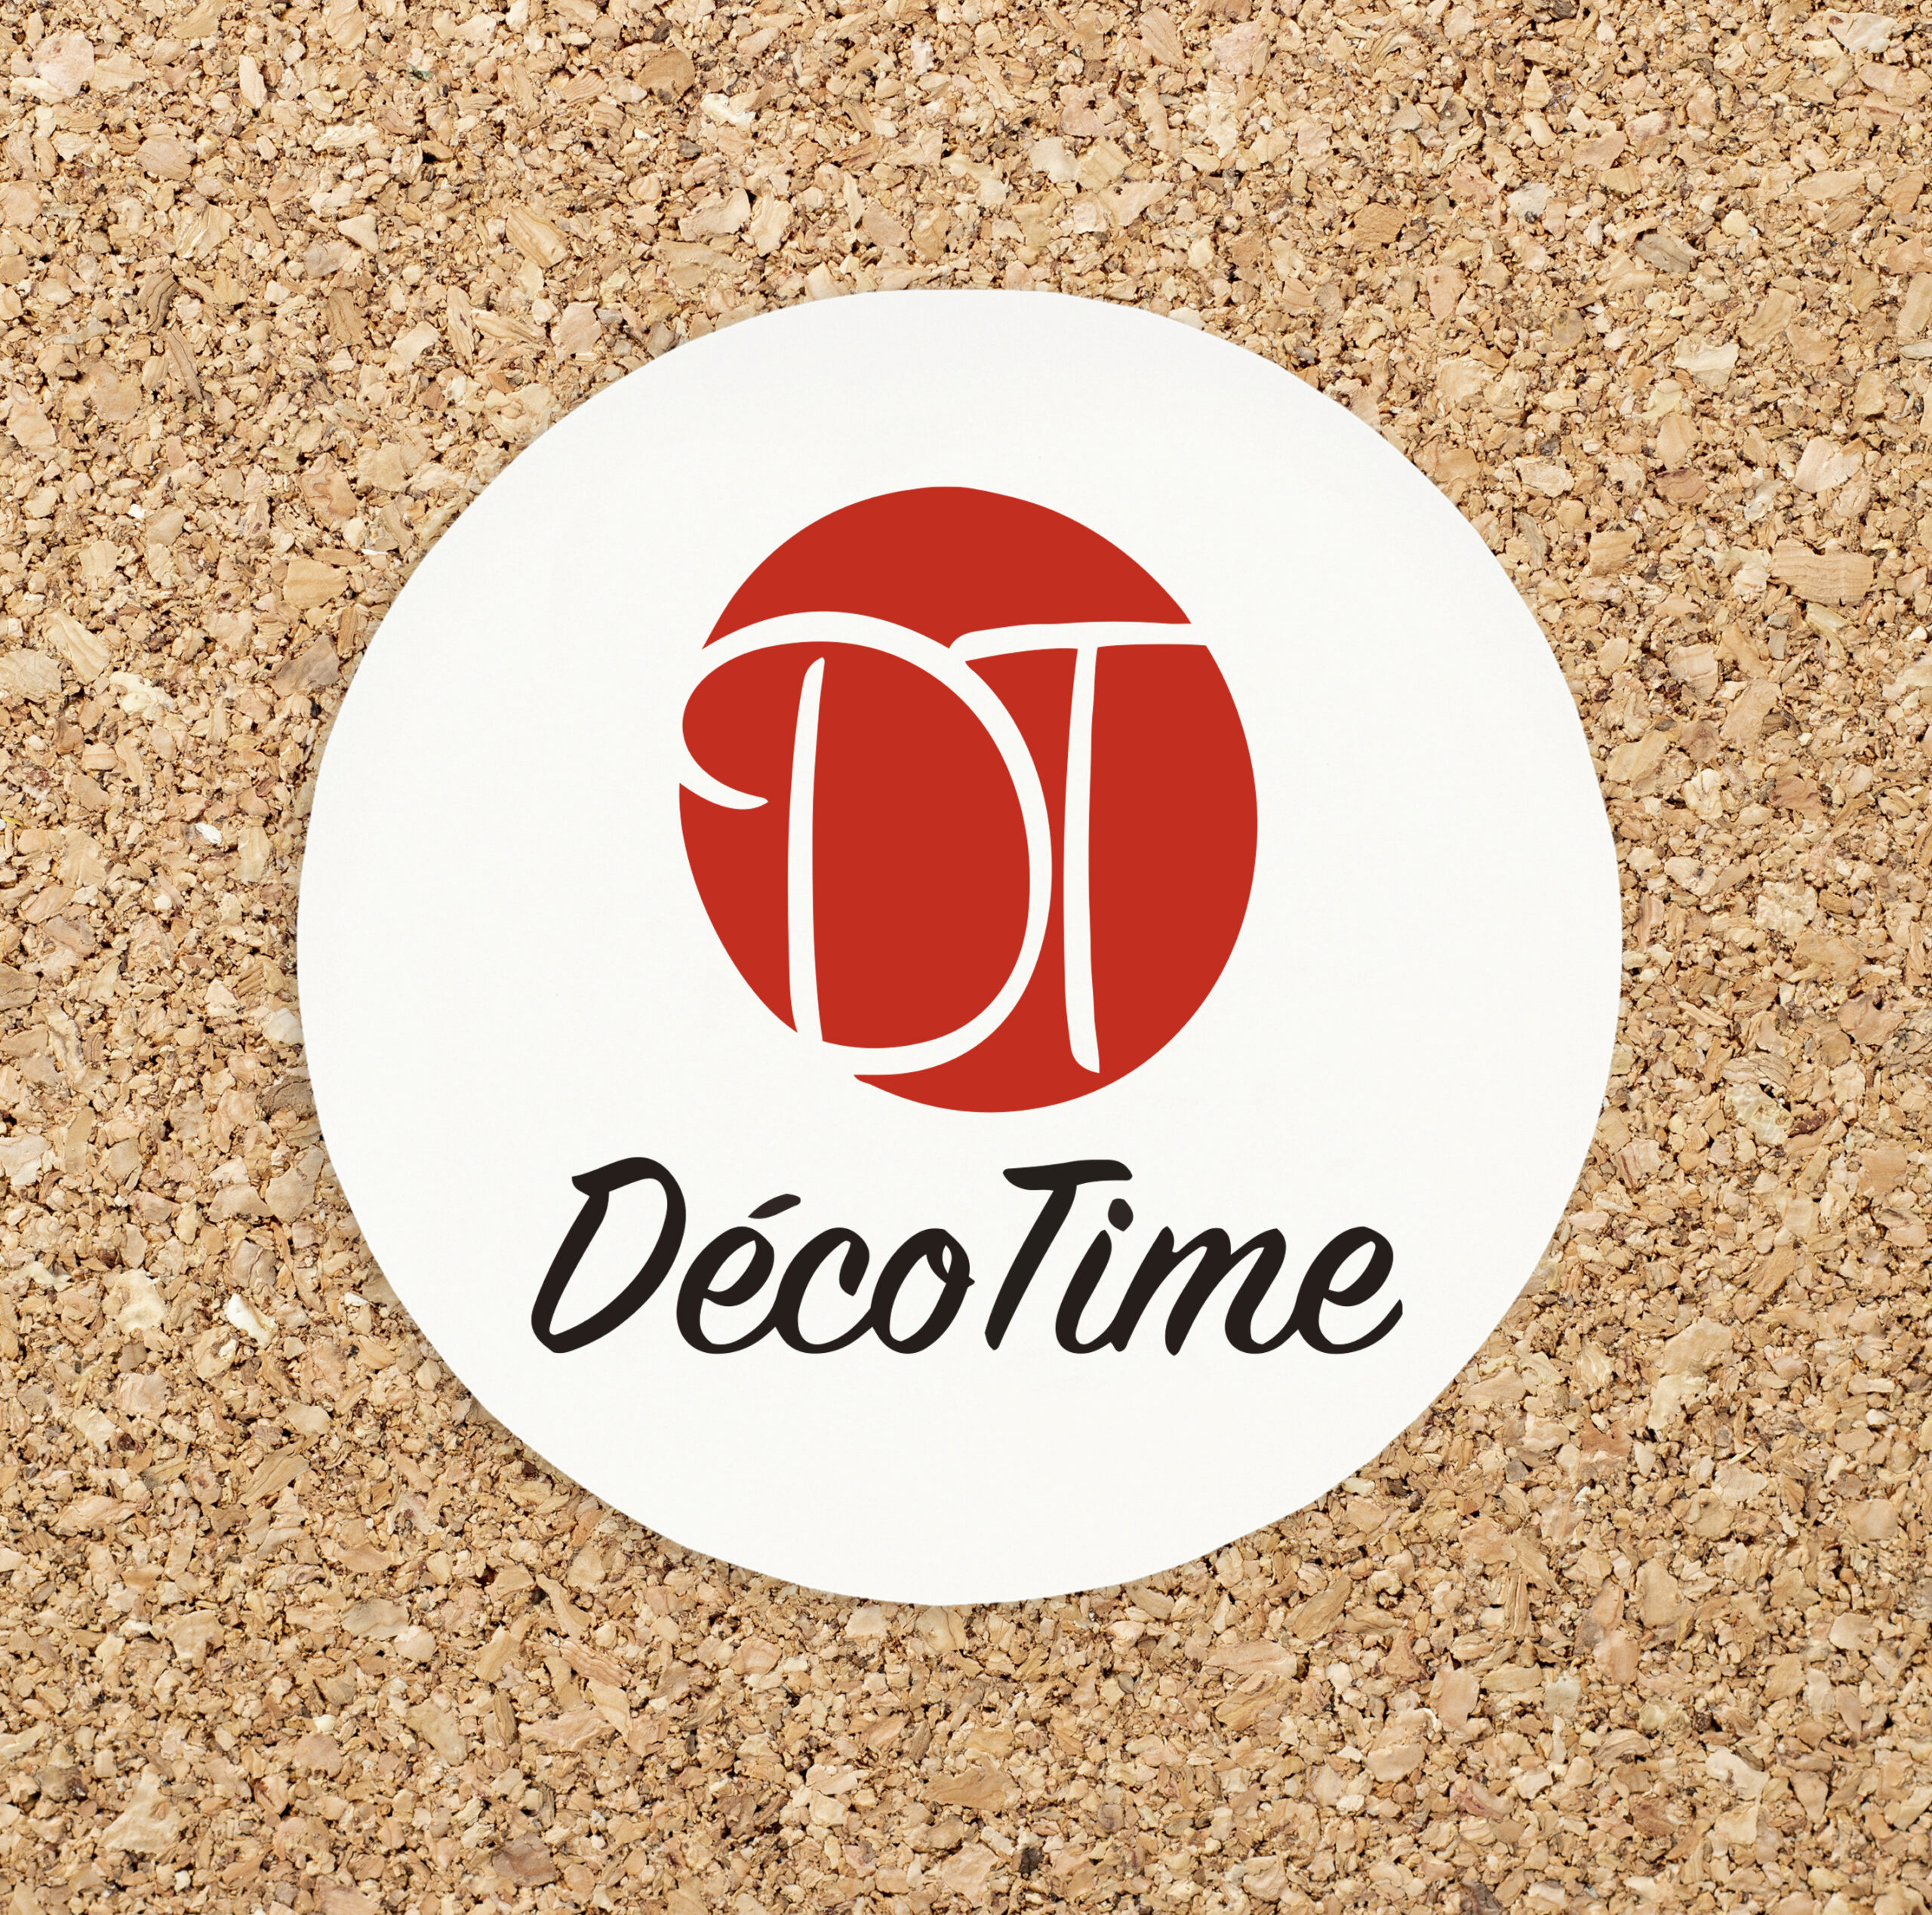 decotimecrafts